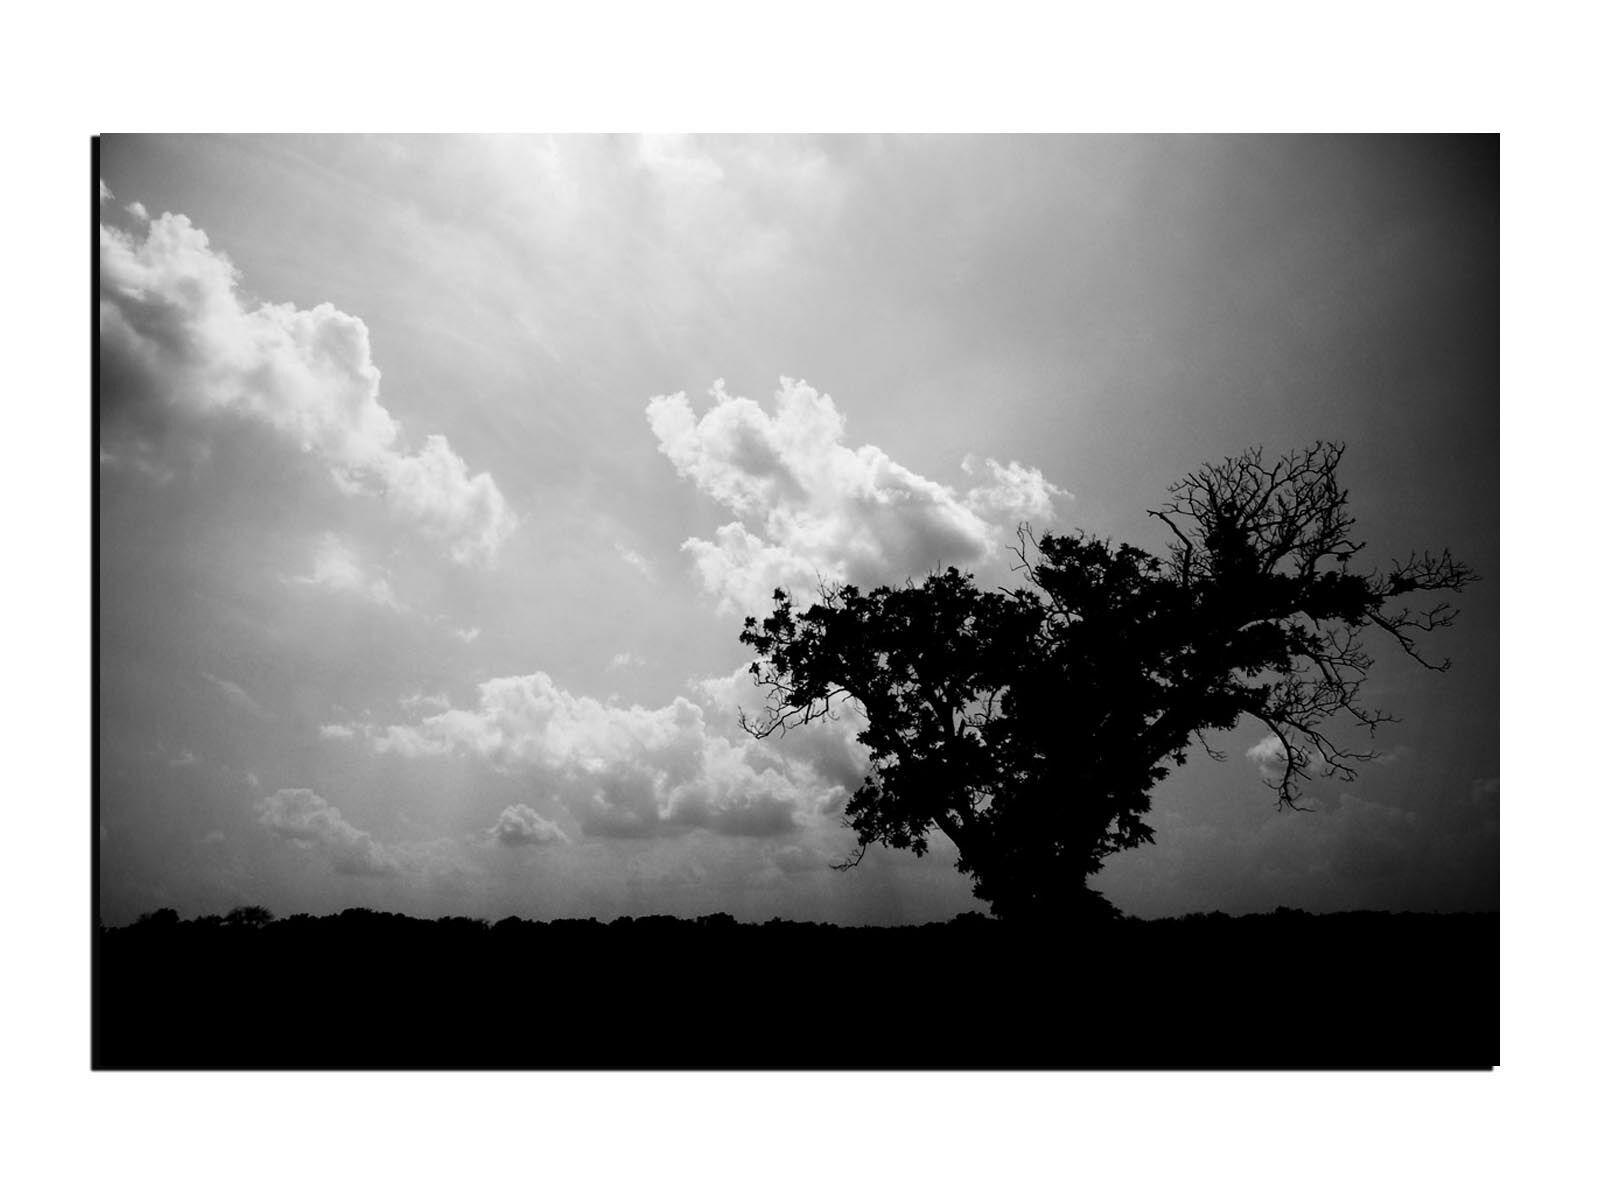 Alu-Dibond Wandbild Silhouette eines Baums bei Dämmerung AB-704 Butlerfinish®